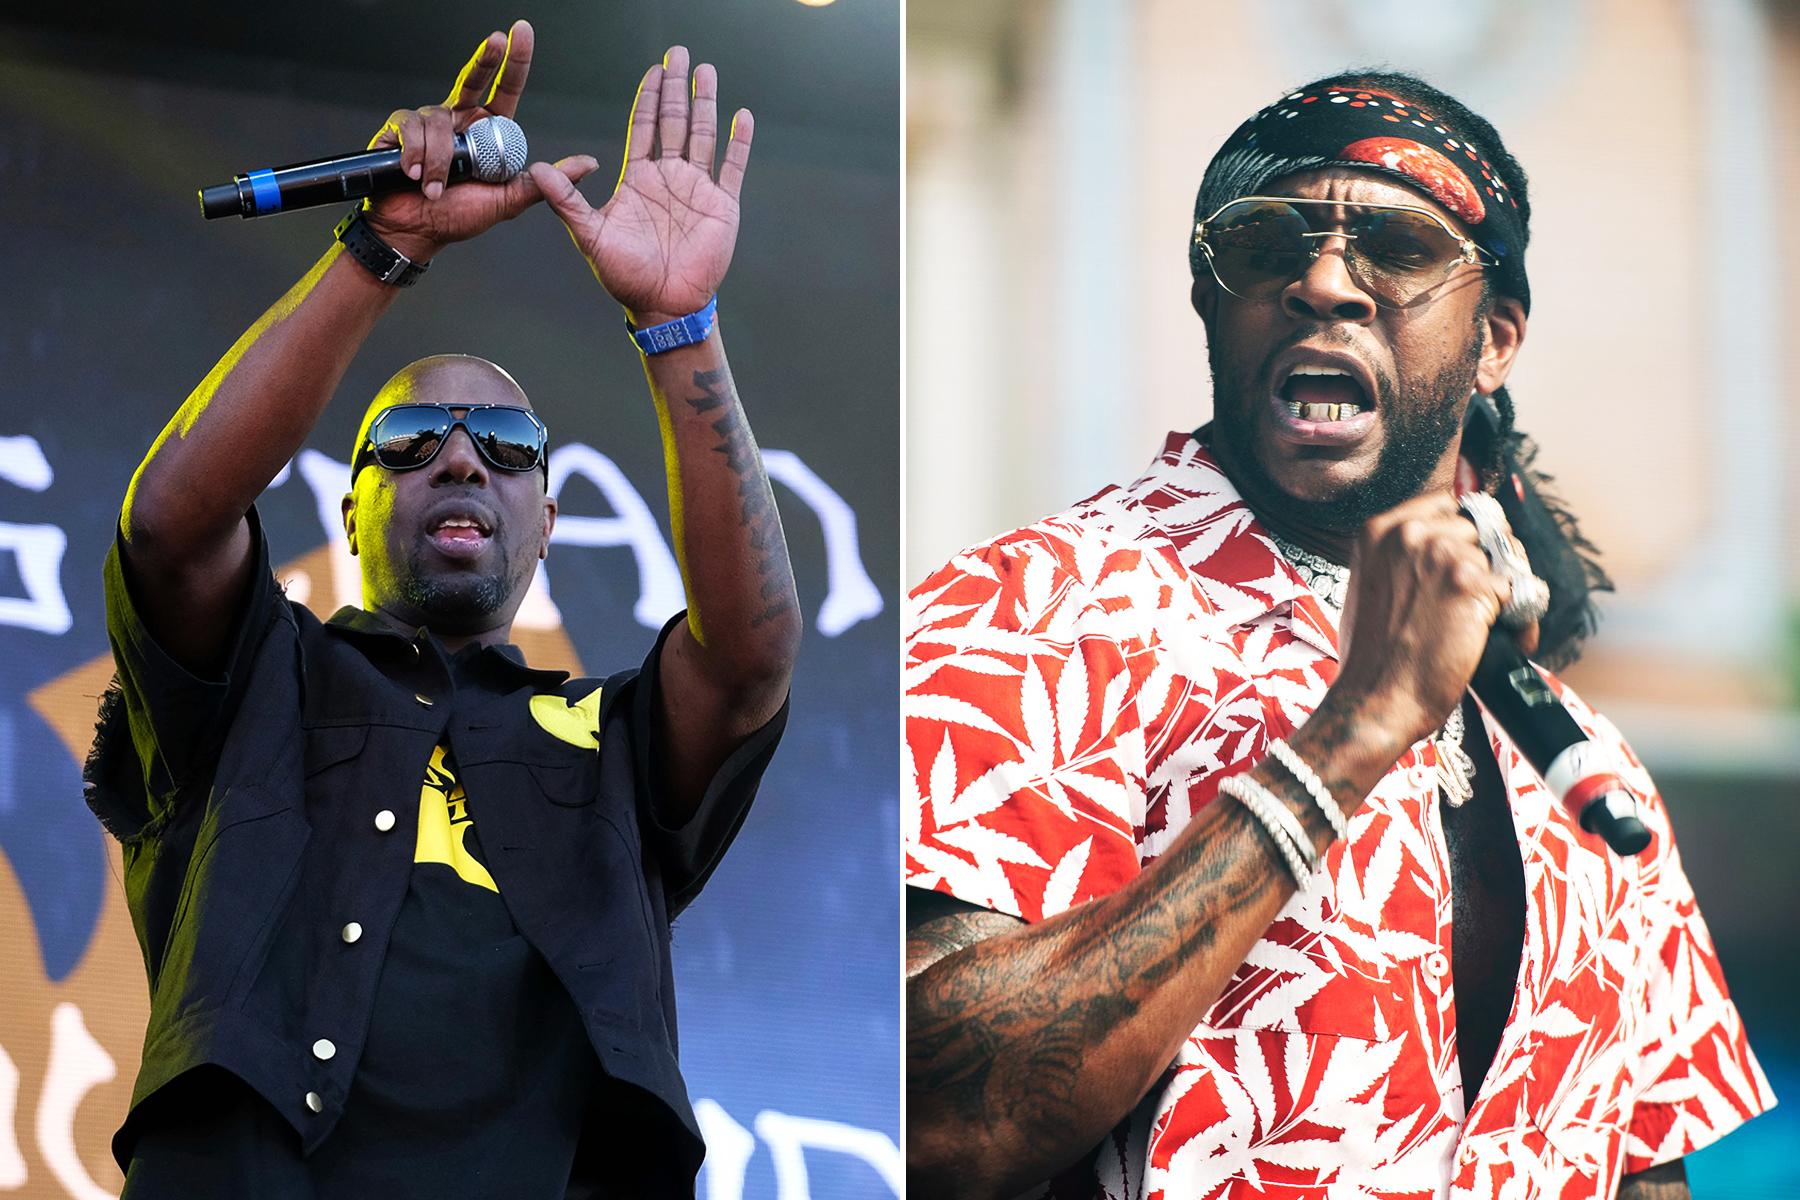 Wu-Tang Clan, 2 Chainz Release Joint Mixtape as 'Wu-Chainz'